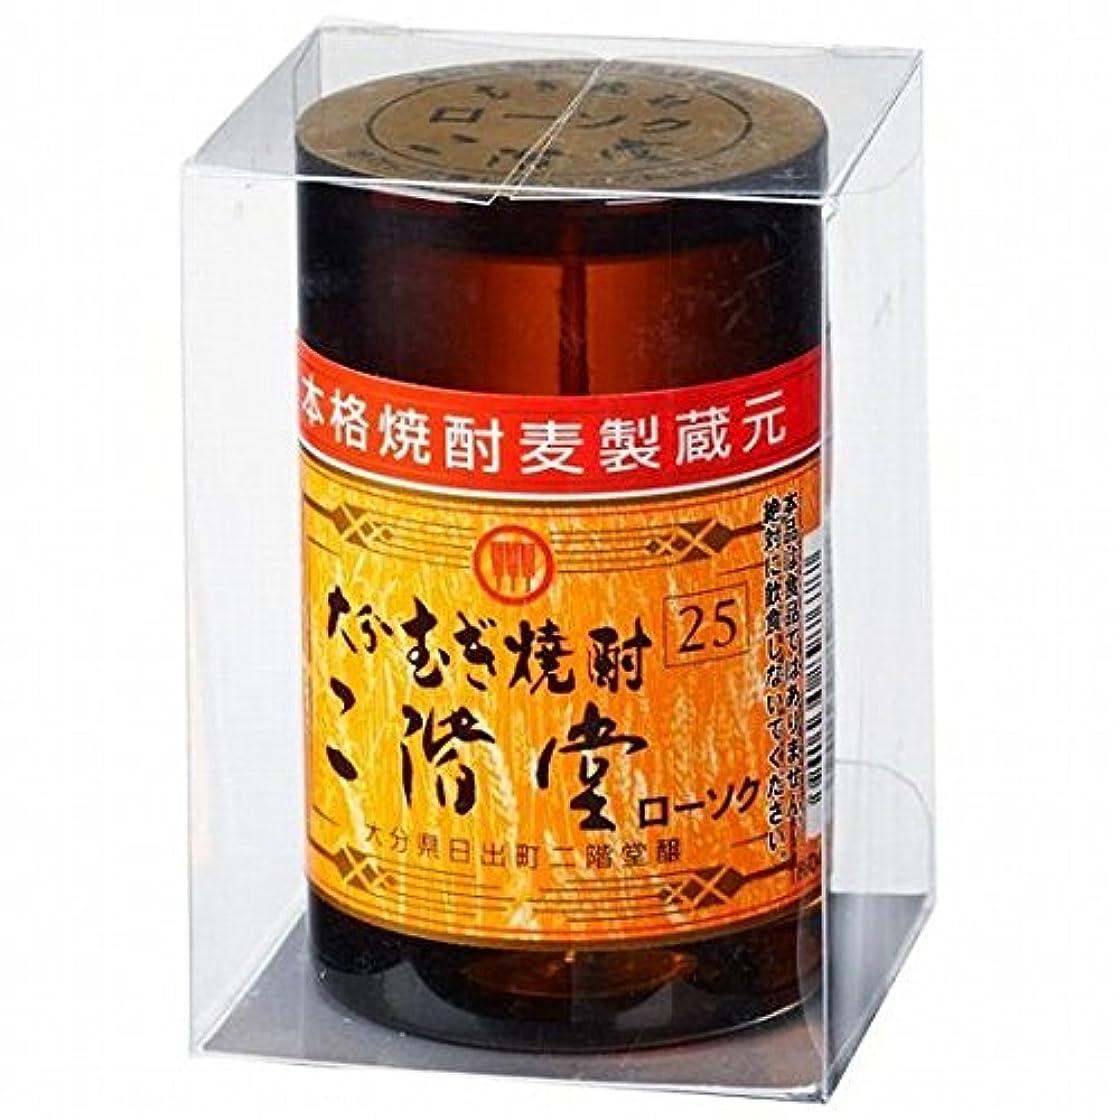 エントリコークスマイクロプロセッサkameyama candle(カメヤマキャンドル) 大分むぎ焼酎 二階堂ローソク キャンドル(86040000)